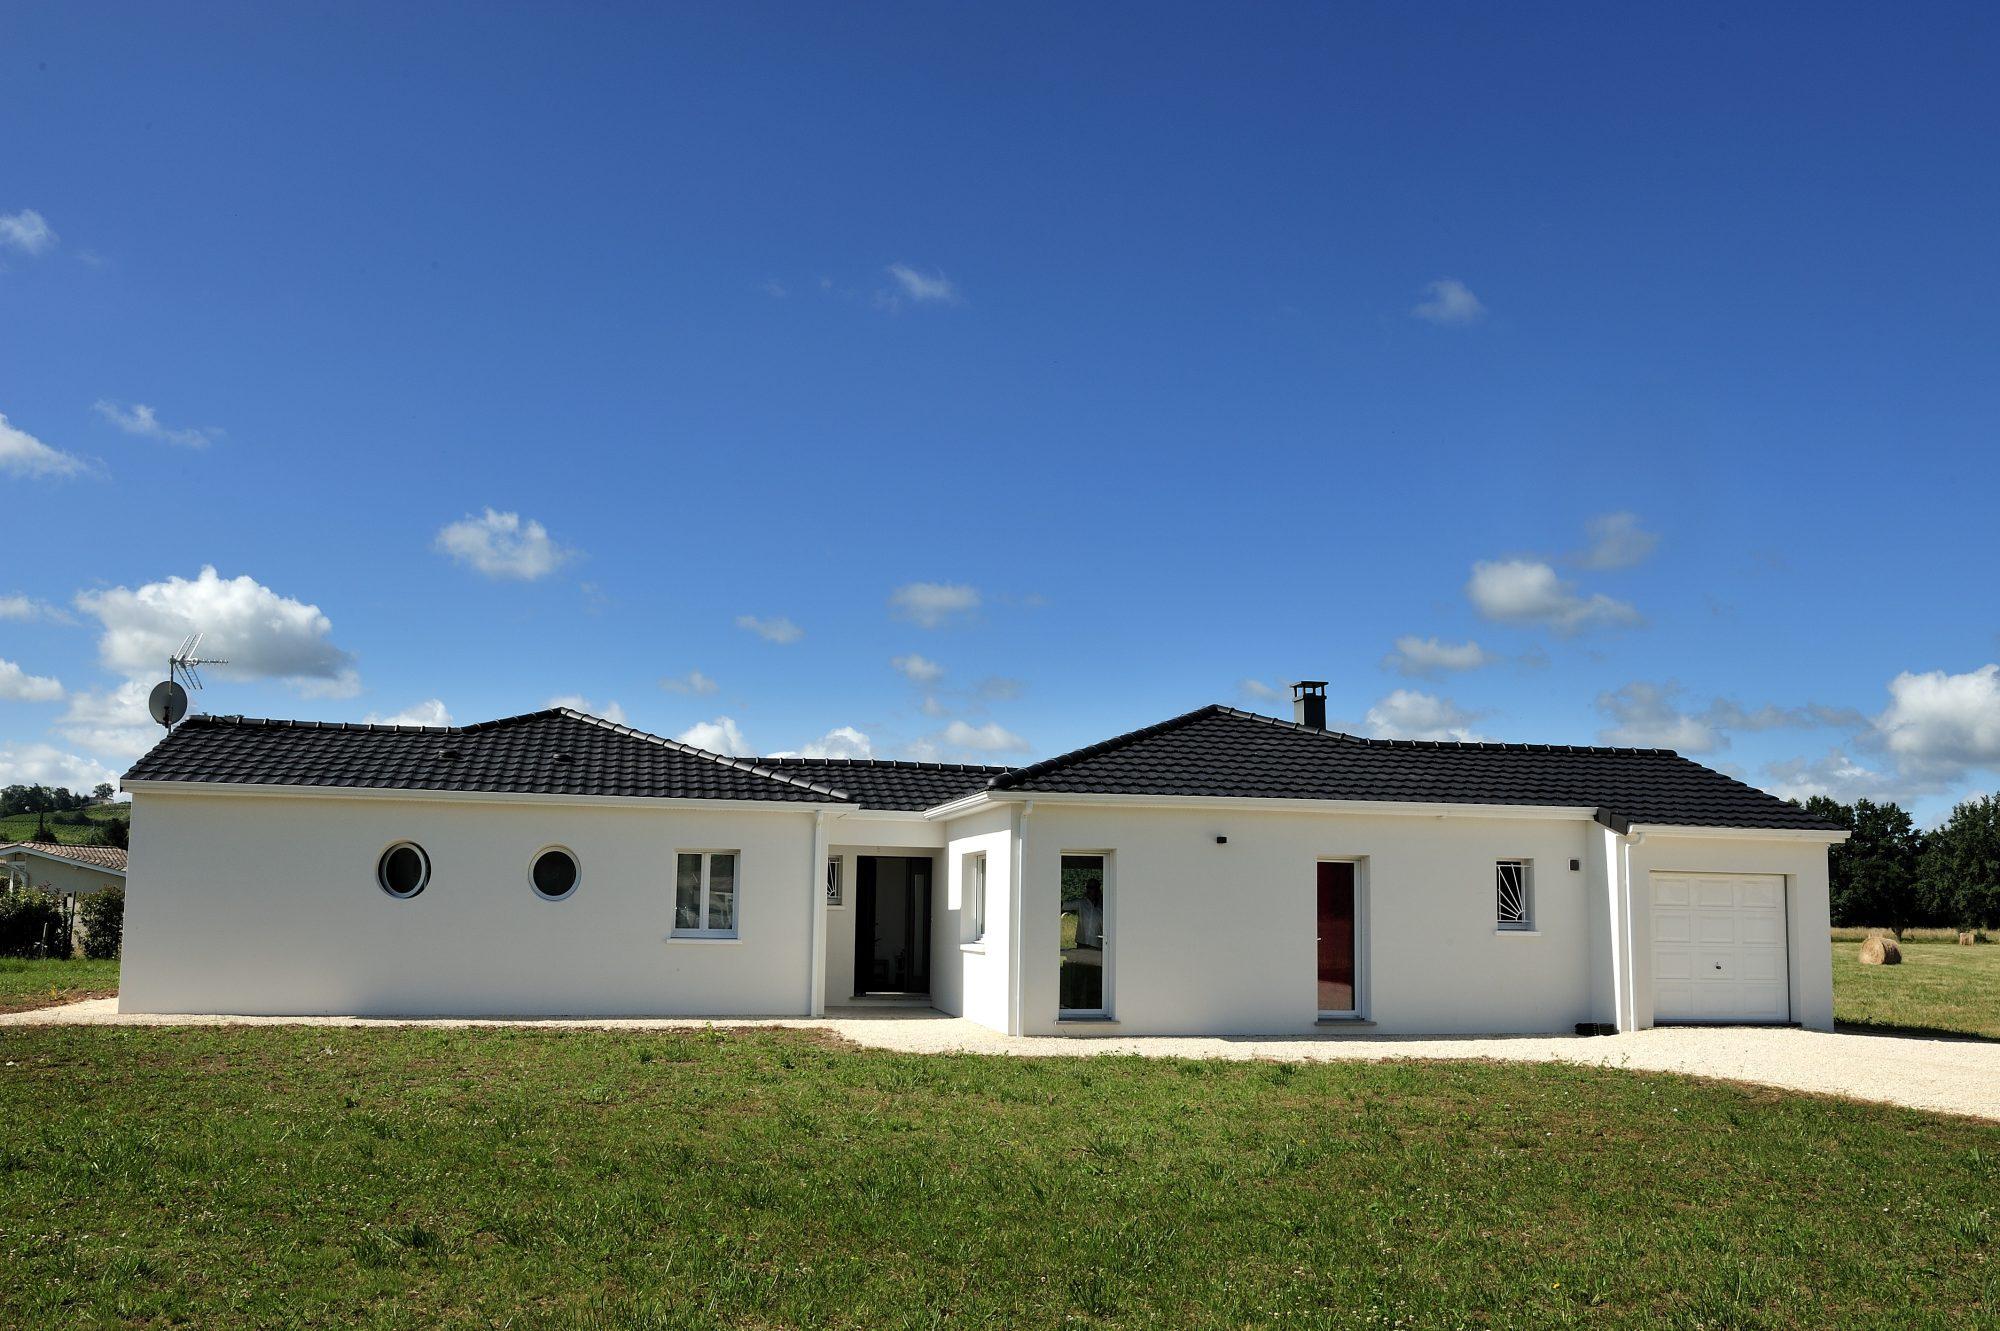 Maisons omega constructeur agr maisons de qualit for Constructeur de maison sarlat